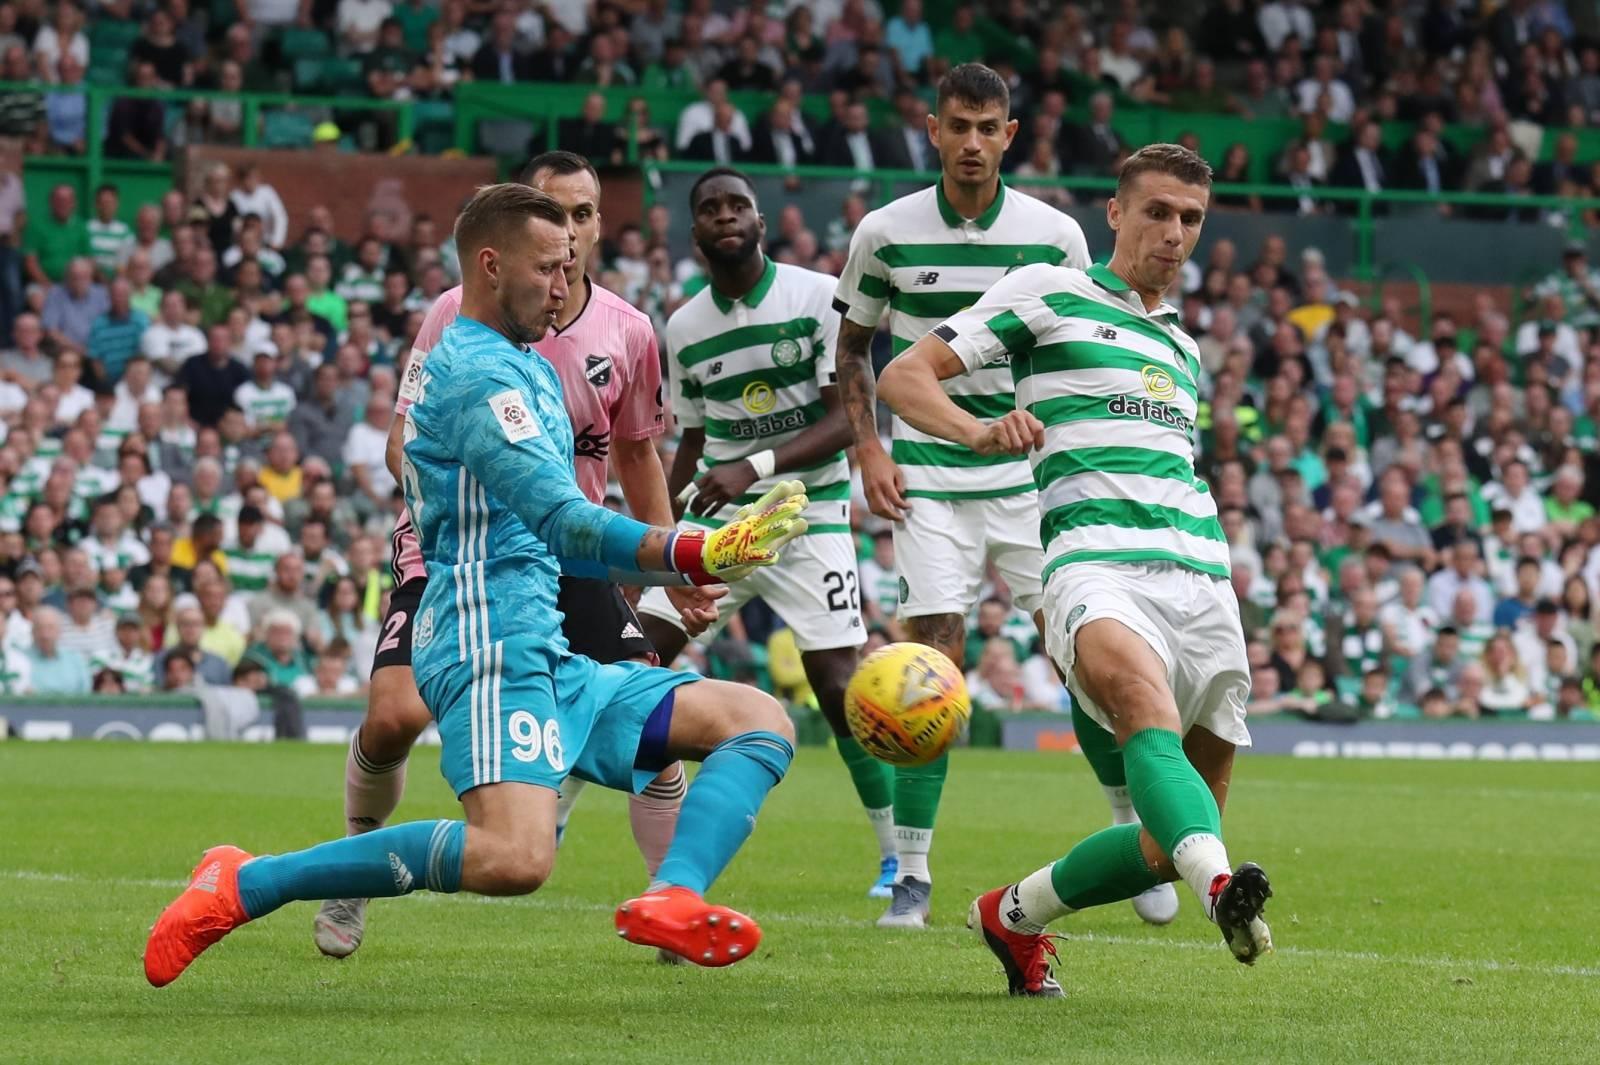 Celtic v Nomme Kalju - UEFA Champions League - Second Qualifying Round - First Leg - Celtic Park